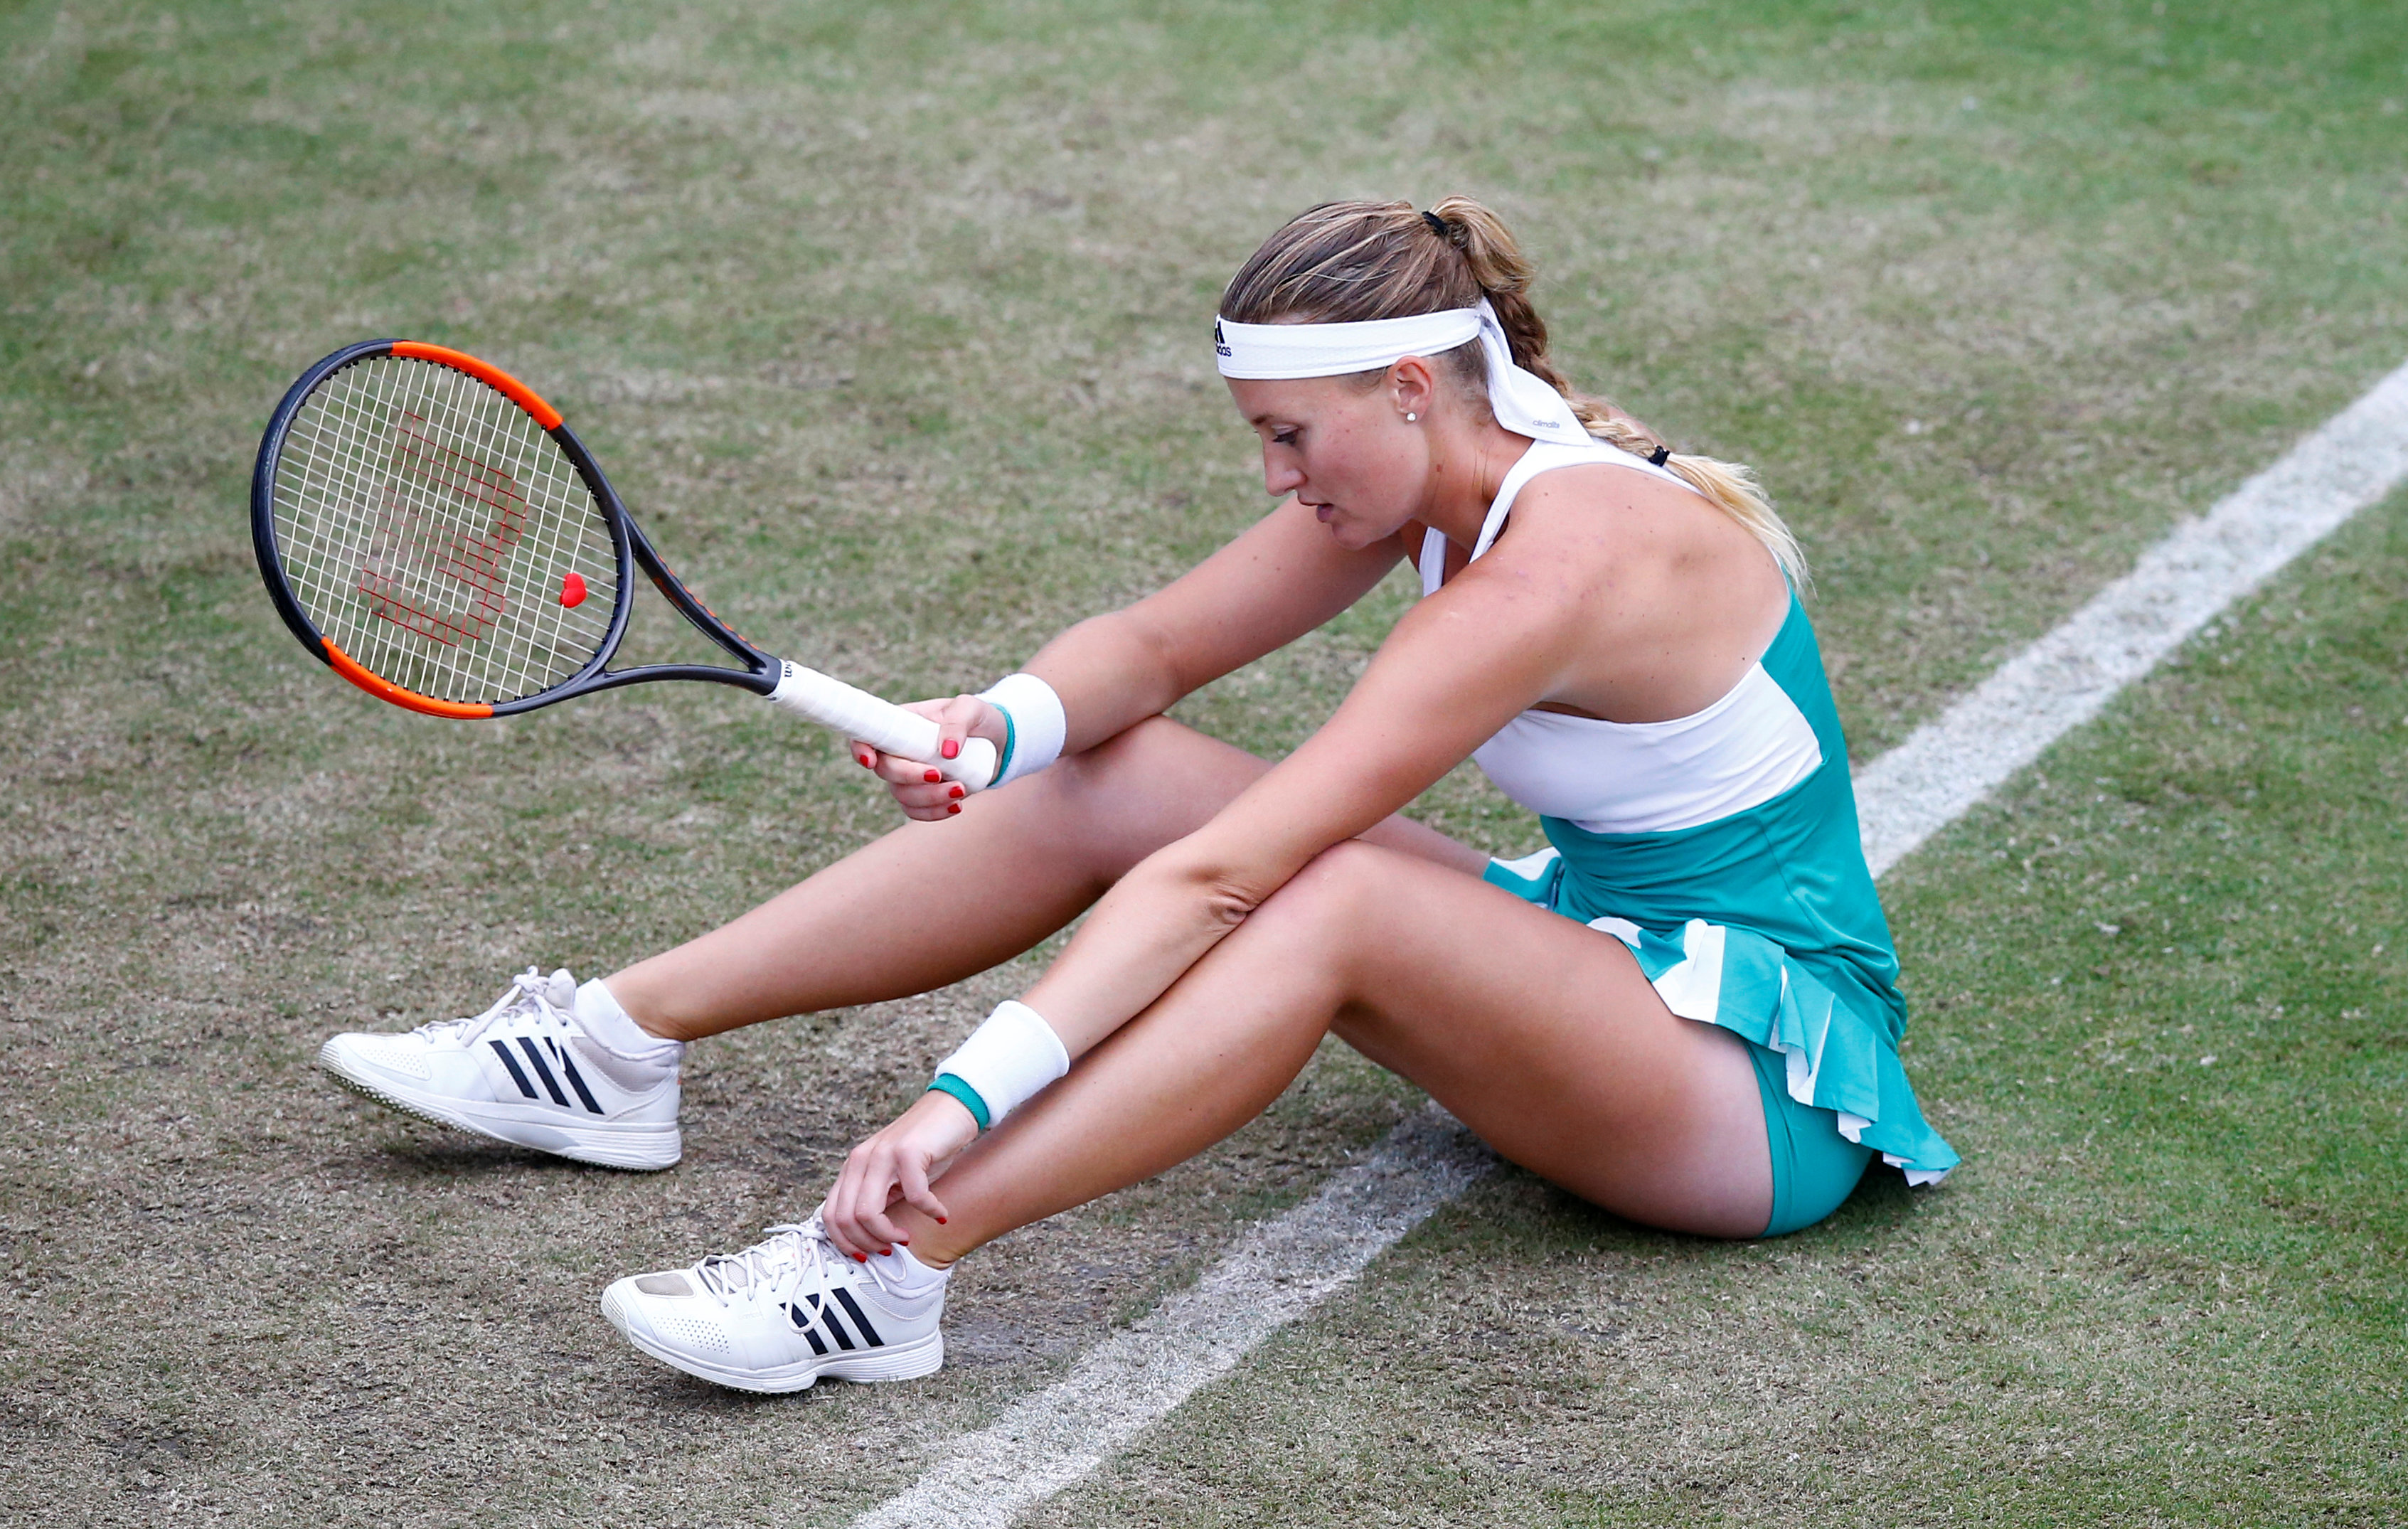 Tennis - WTA - 10 défaites de suite, le cauchemar de Mladenovic se poursuit….